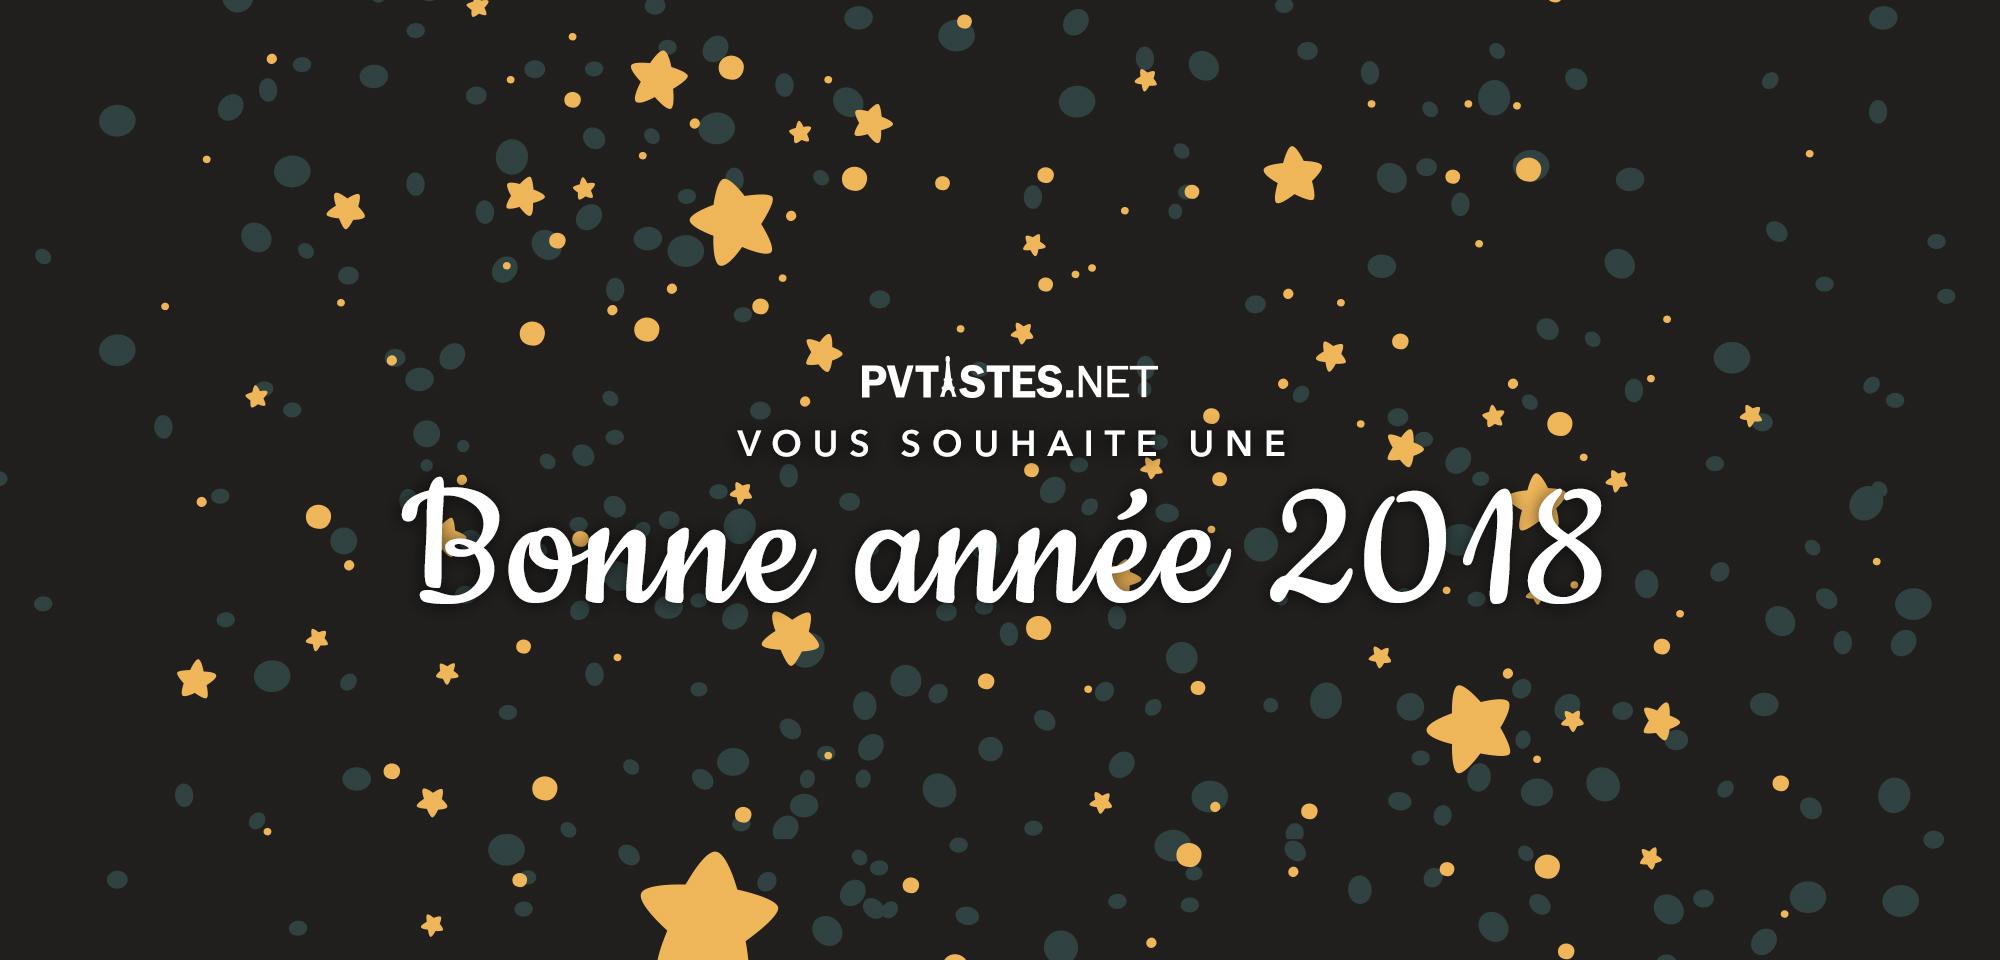 rs-bonne-annee-2018